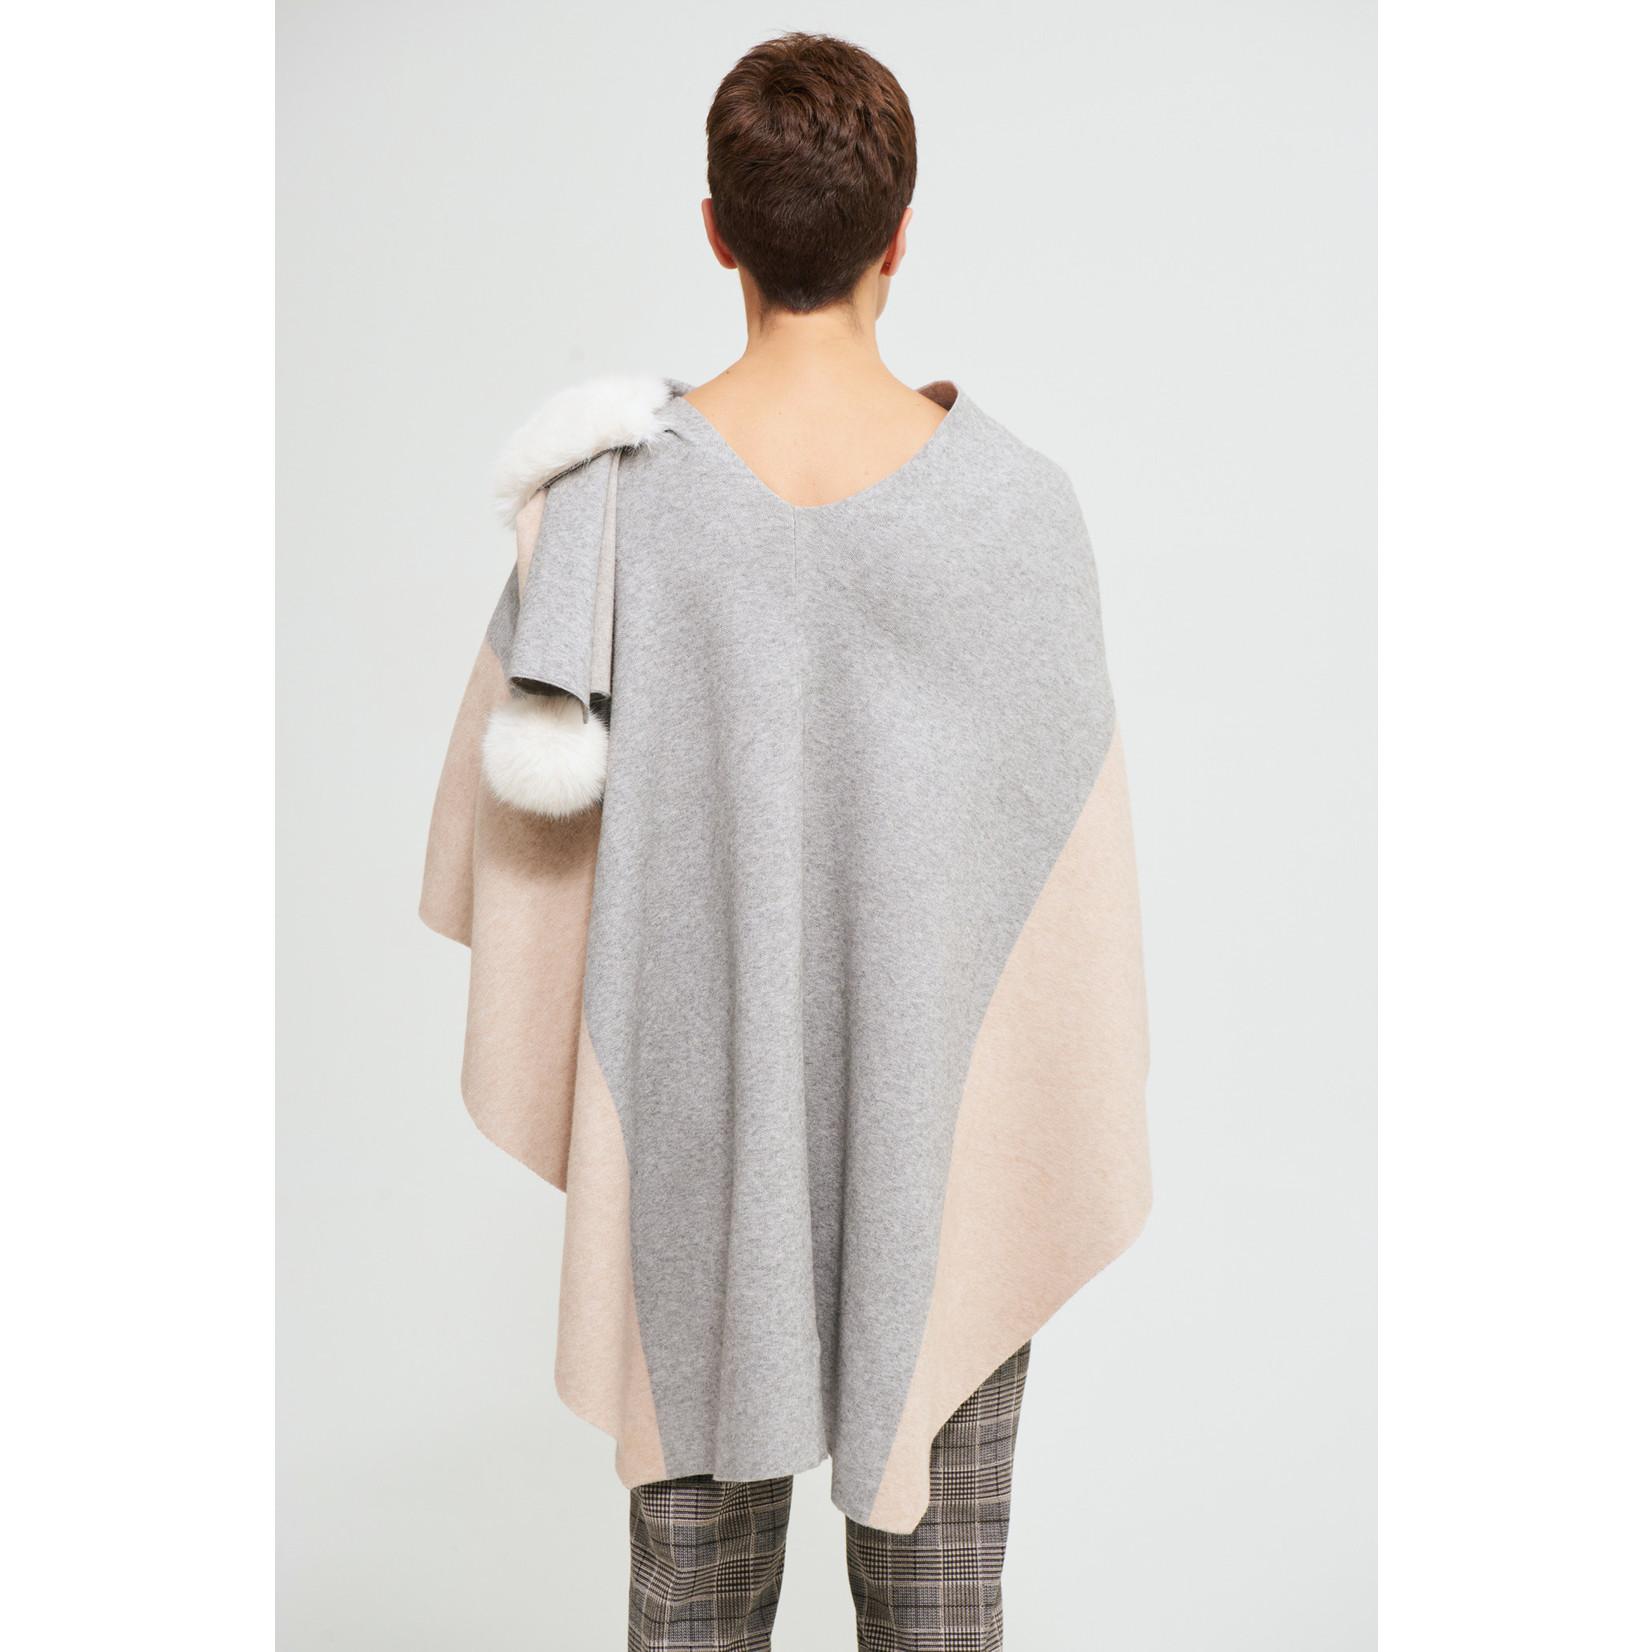 Joseph Ribkoff Faux Fur Cape Sweater Style 213944